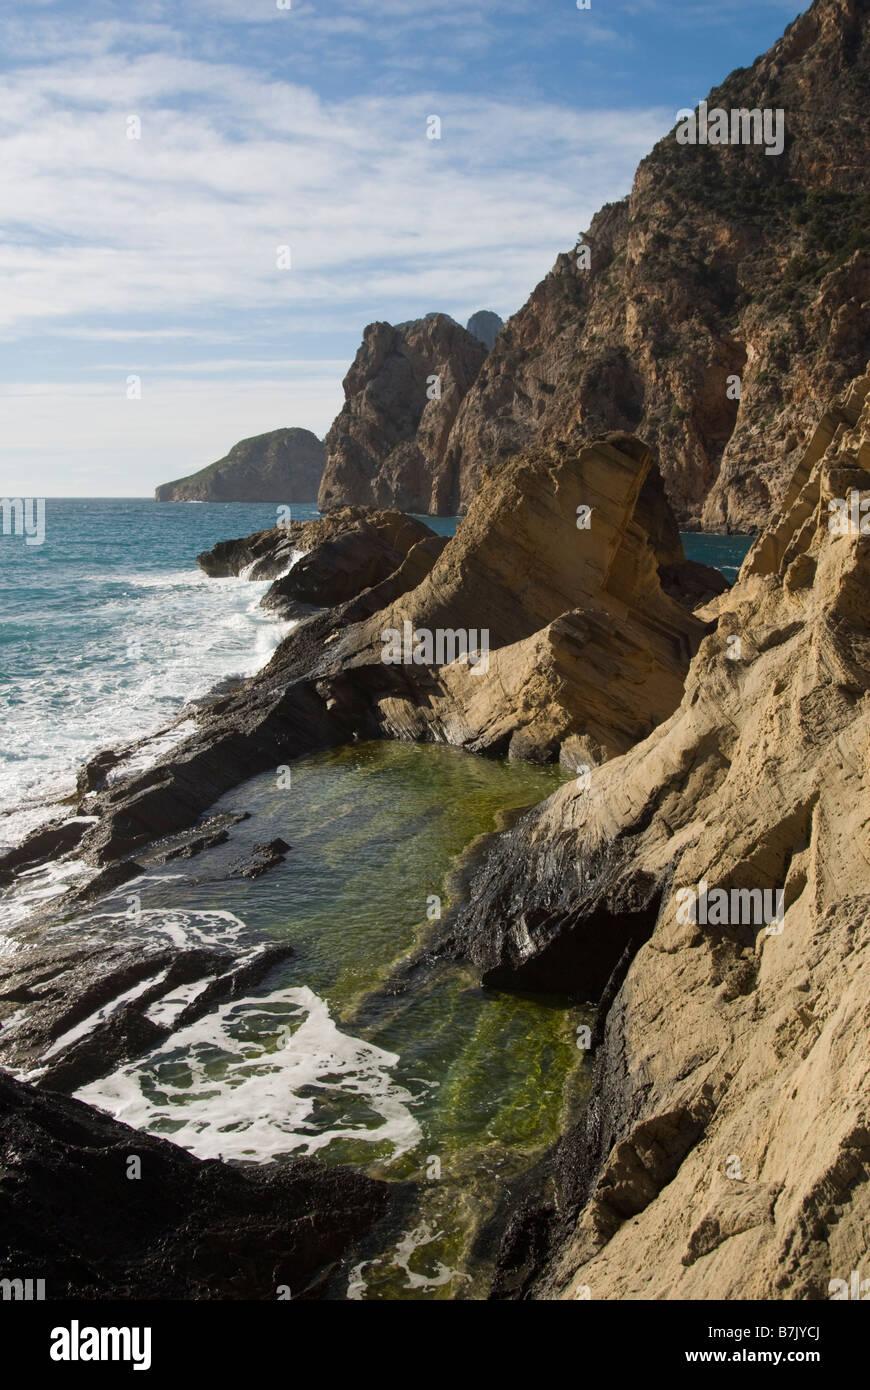 General view of Sa Perera (Atlantis), Ibiza Stock Photo